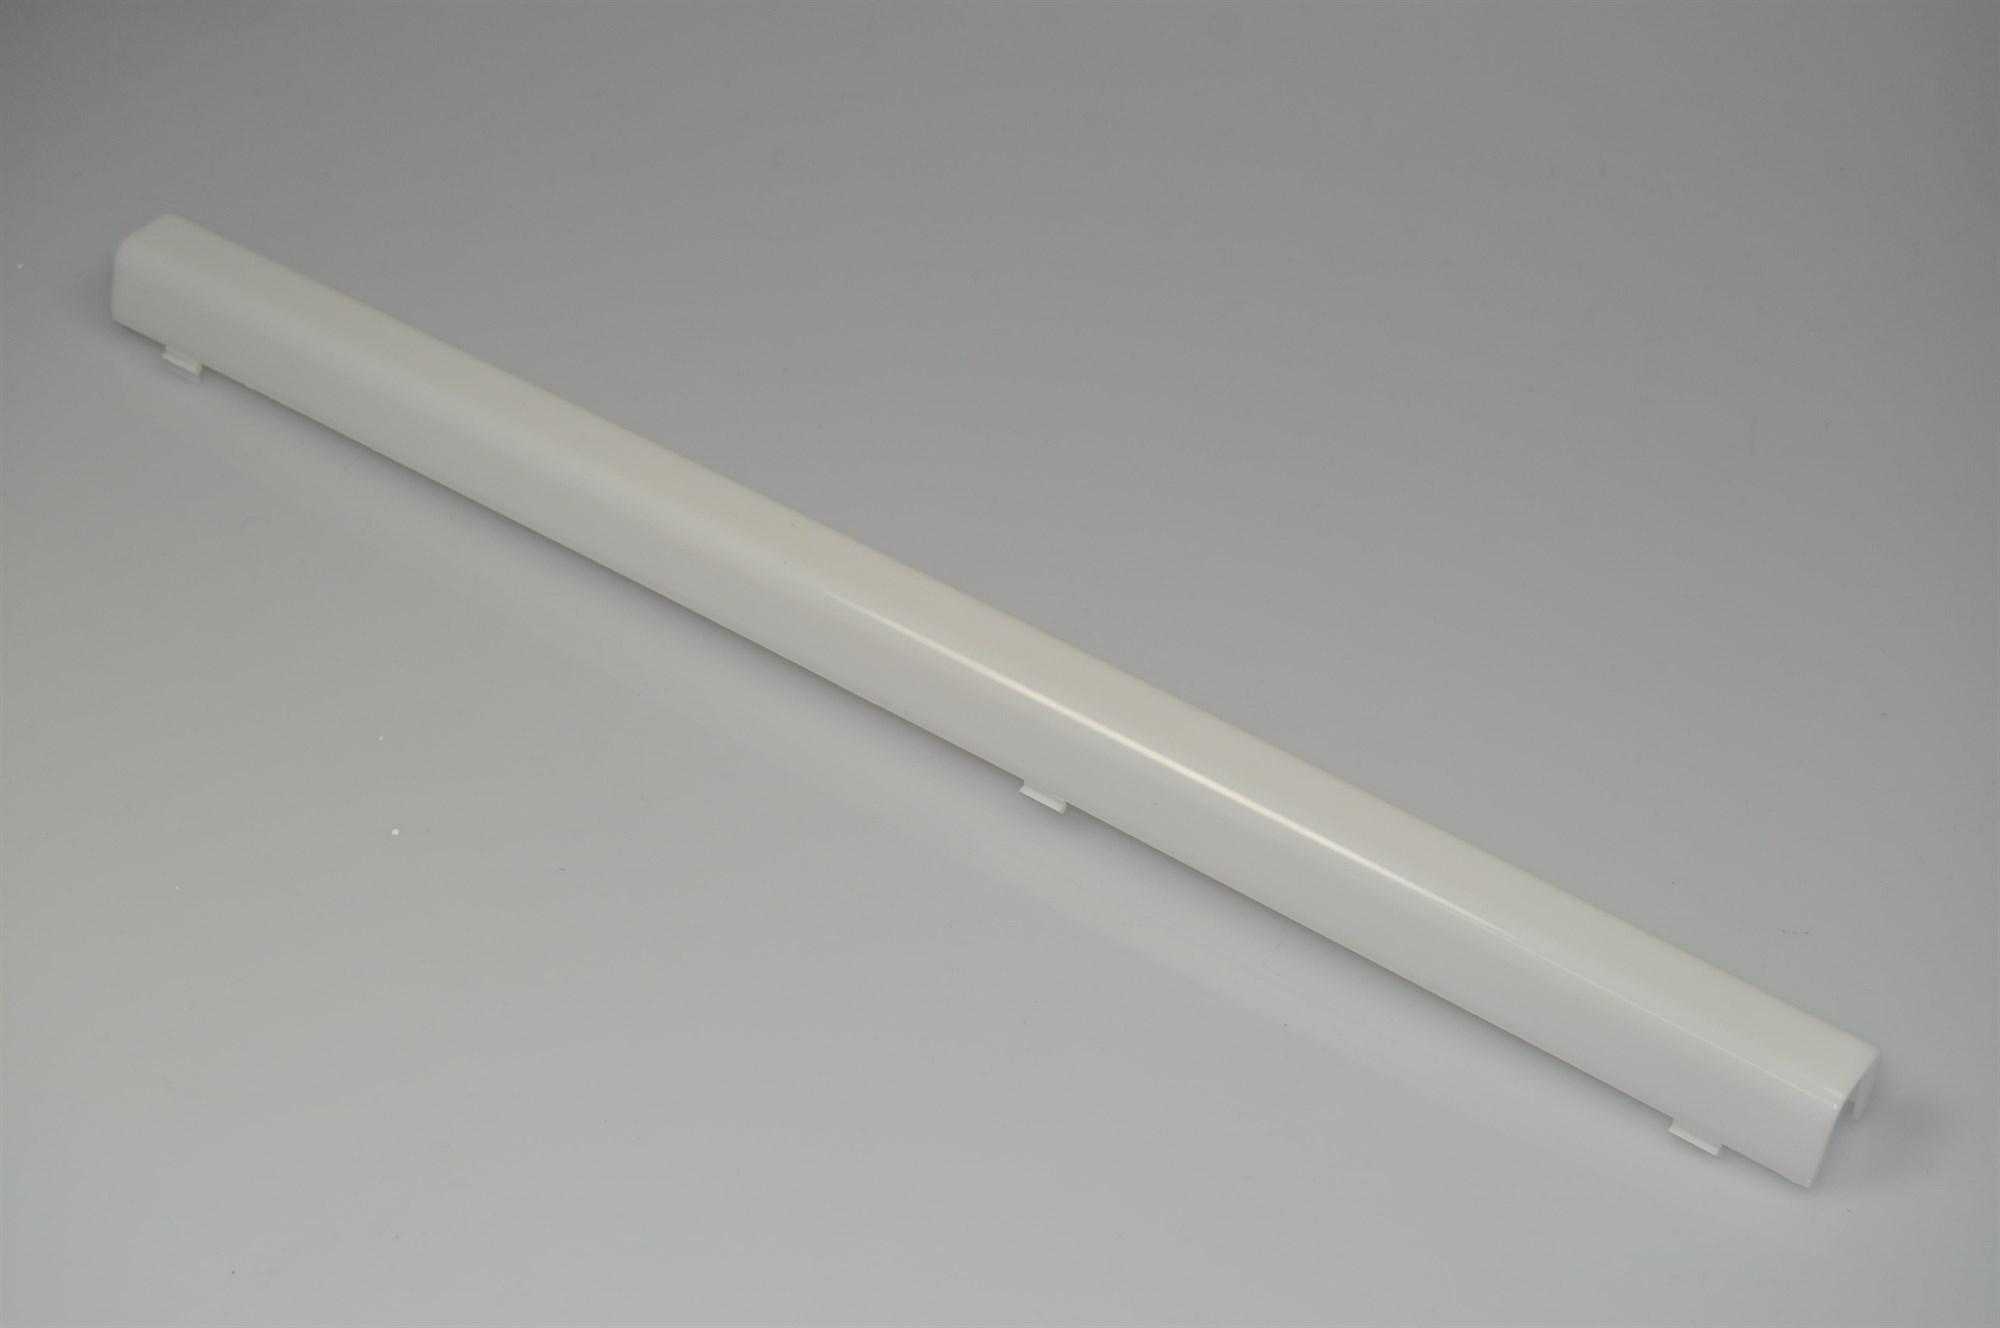 Lampenabdeckung siemens dunstabzugshaube weiß